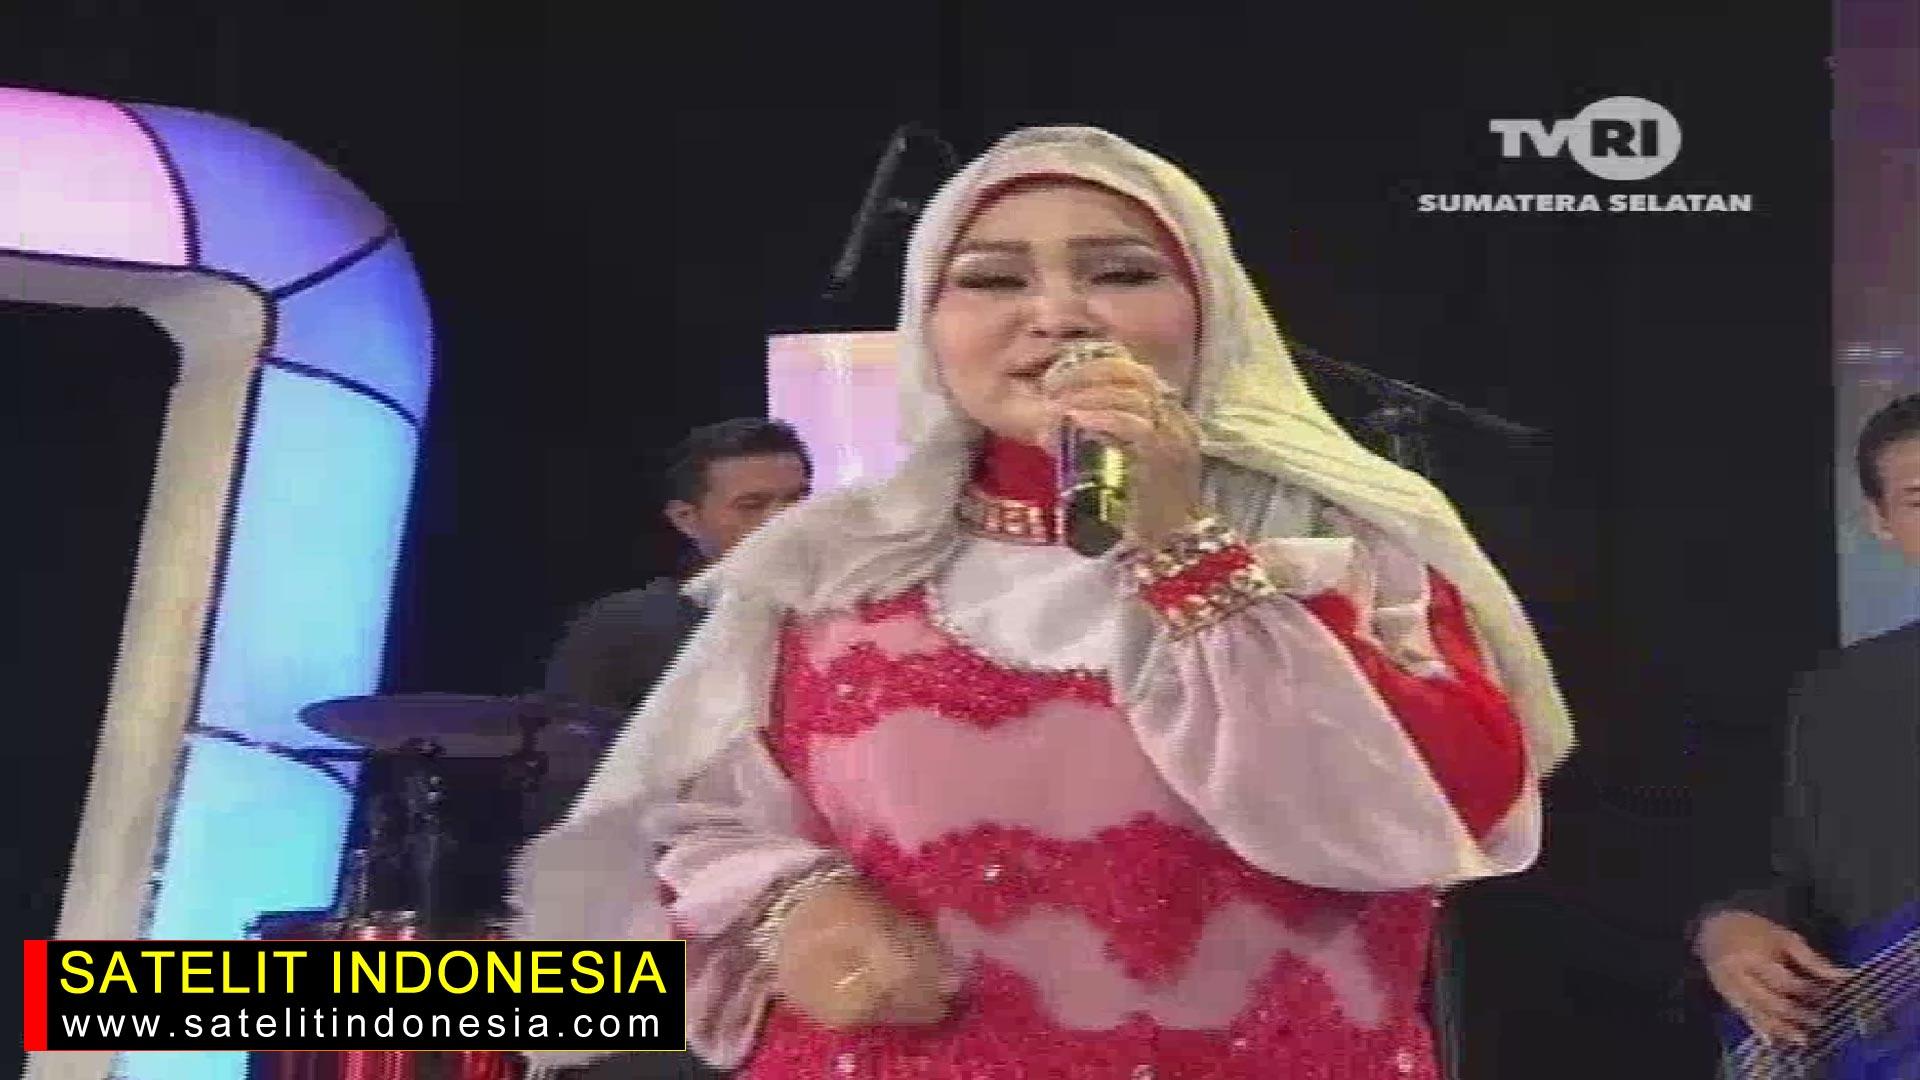 Frekuensi siaran TVRI Sumatera Selatan di satelit Telkom 4 Terbaru